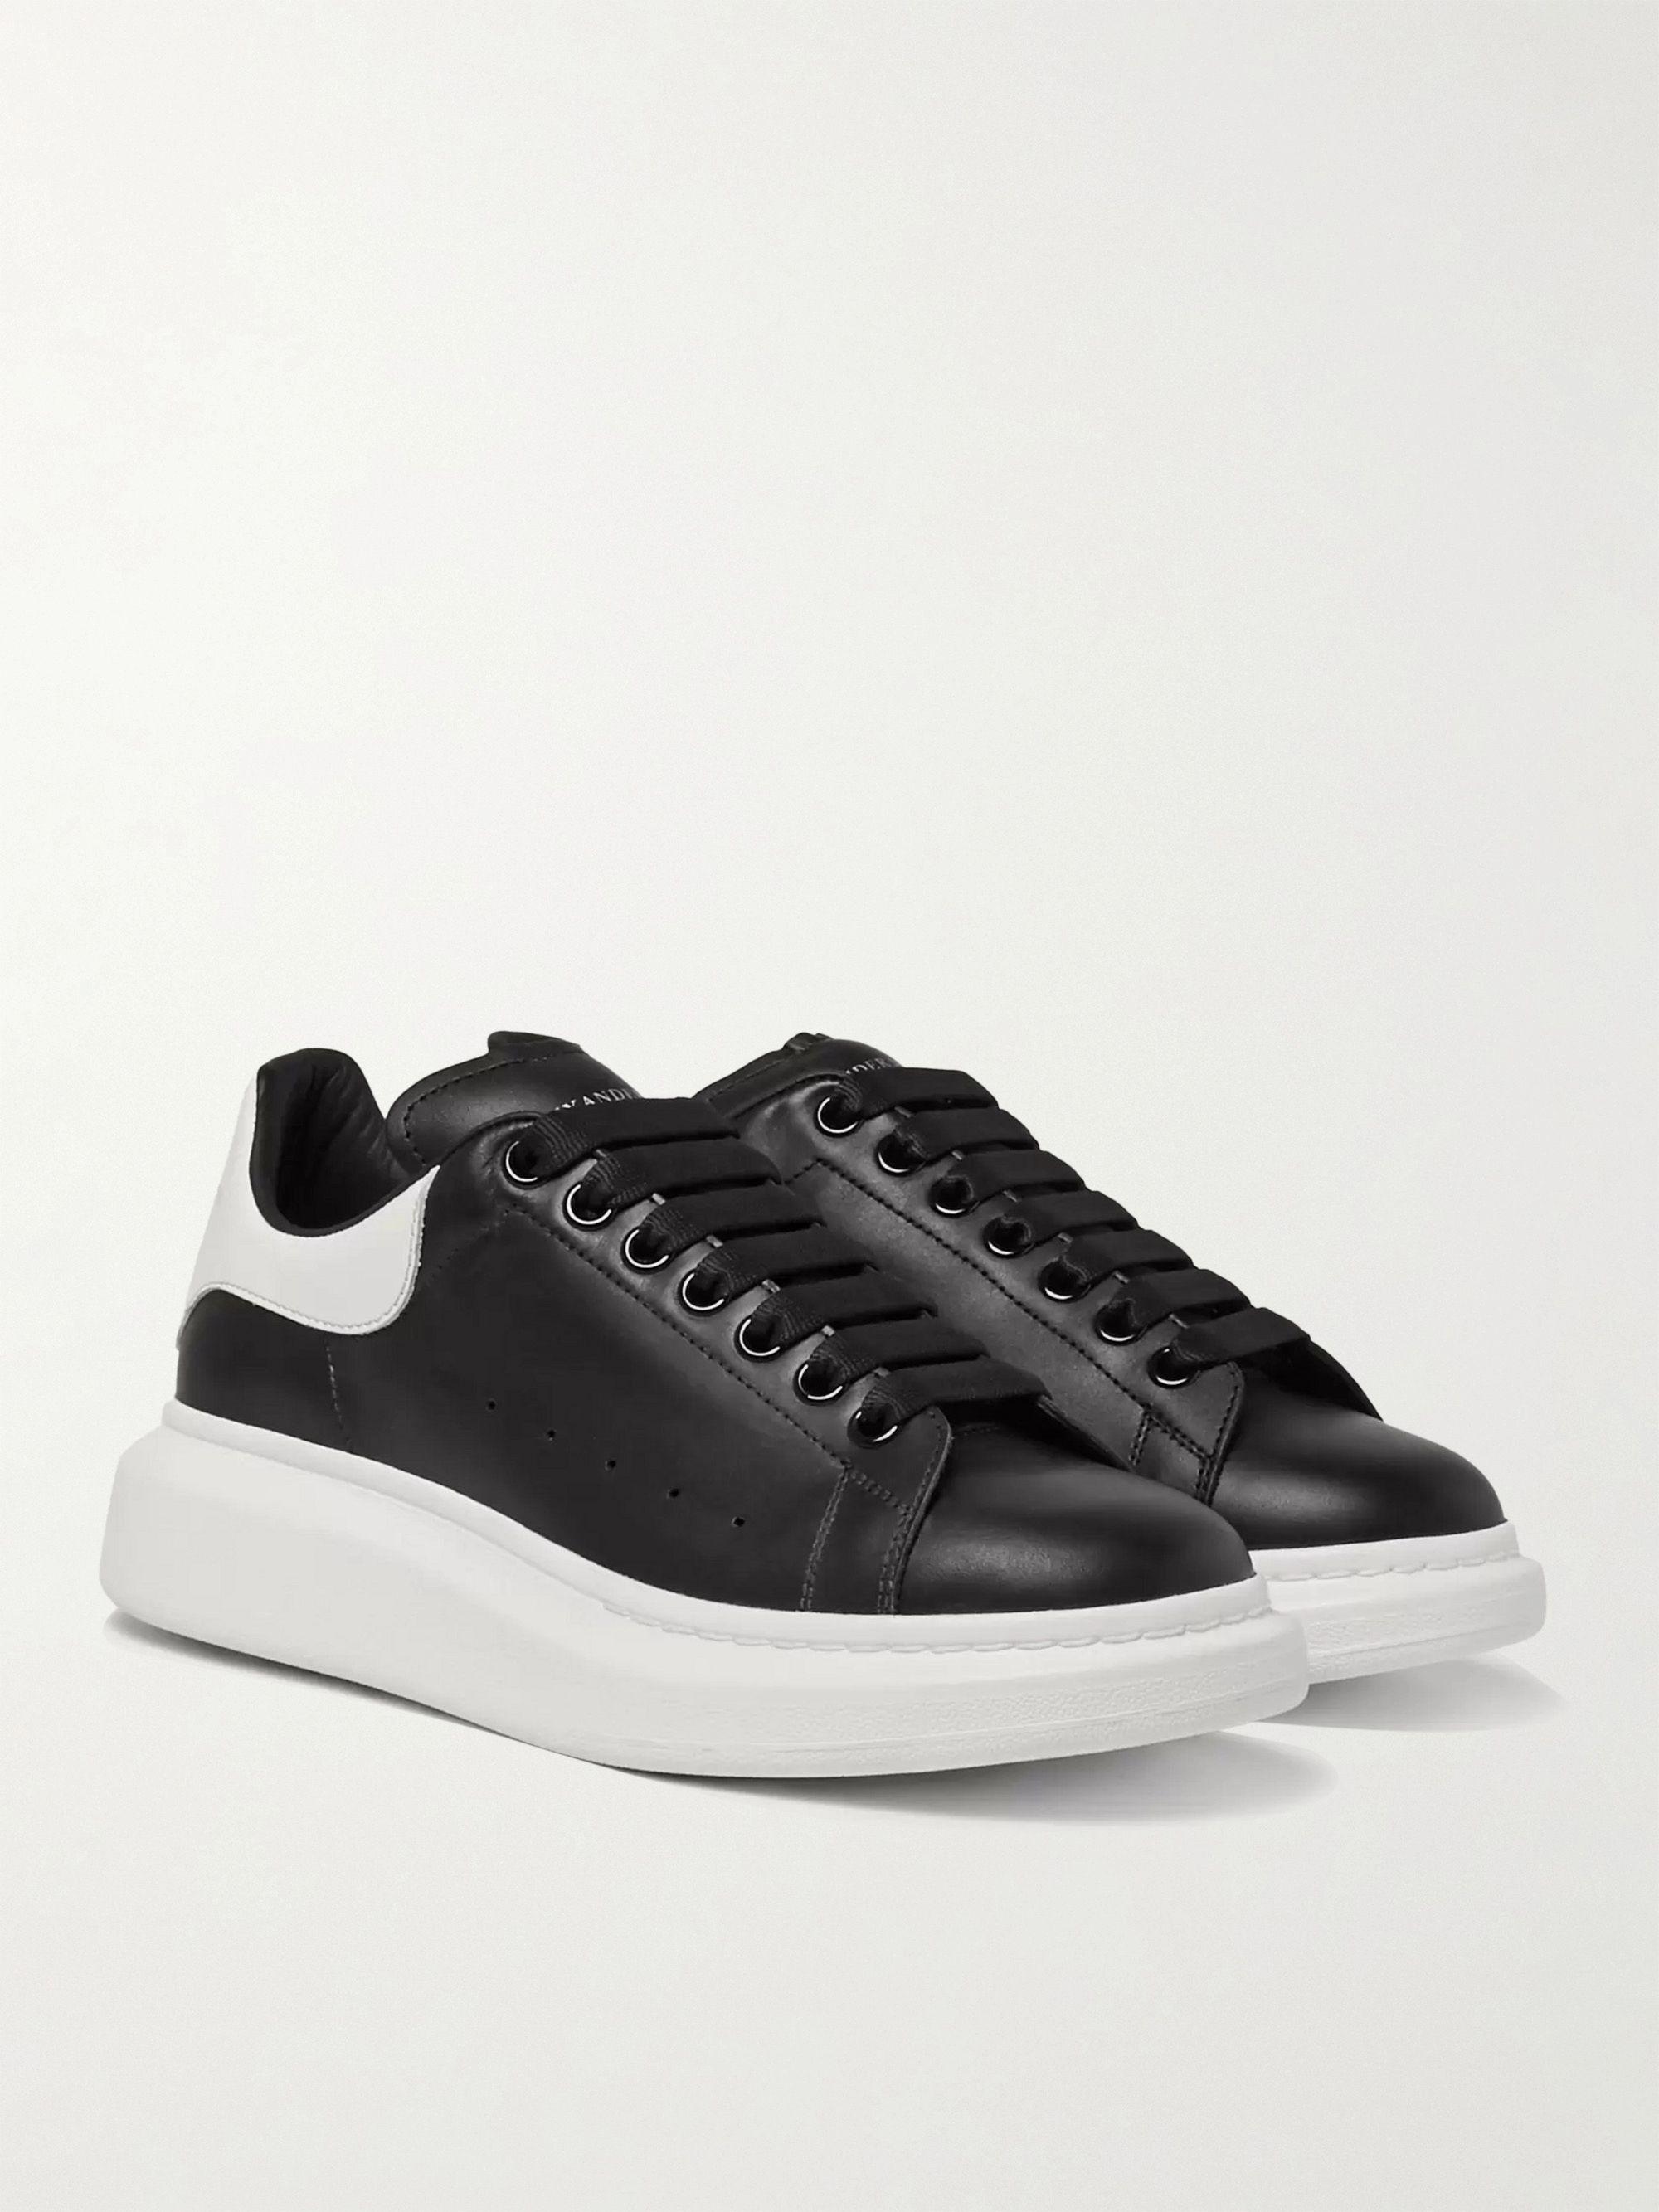 알렉산더 맥퀸 Alexander McQueen Exaggerated-Sole Leather Sneakers,Black